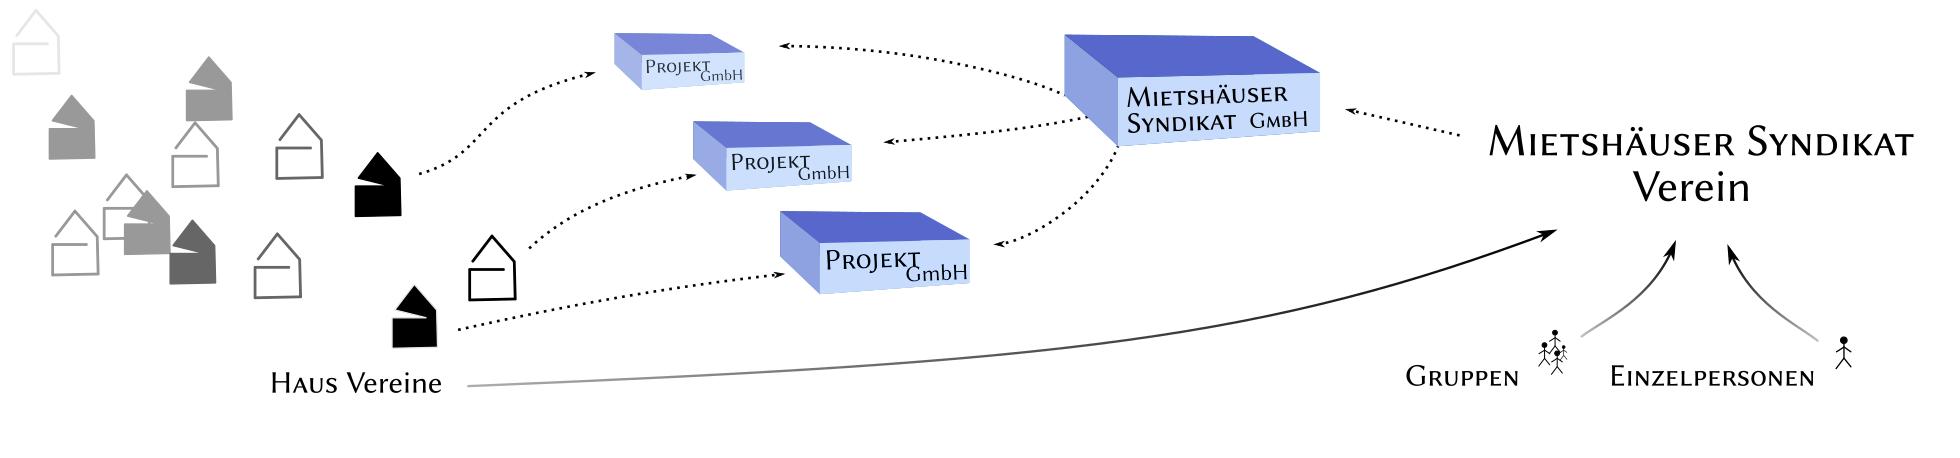 Das Syndikatsmodell